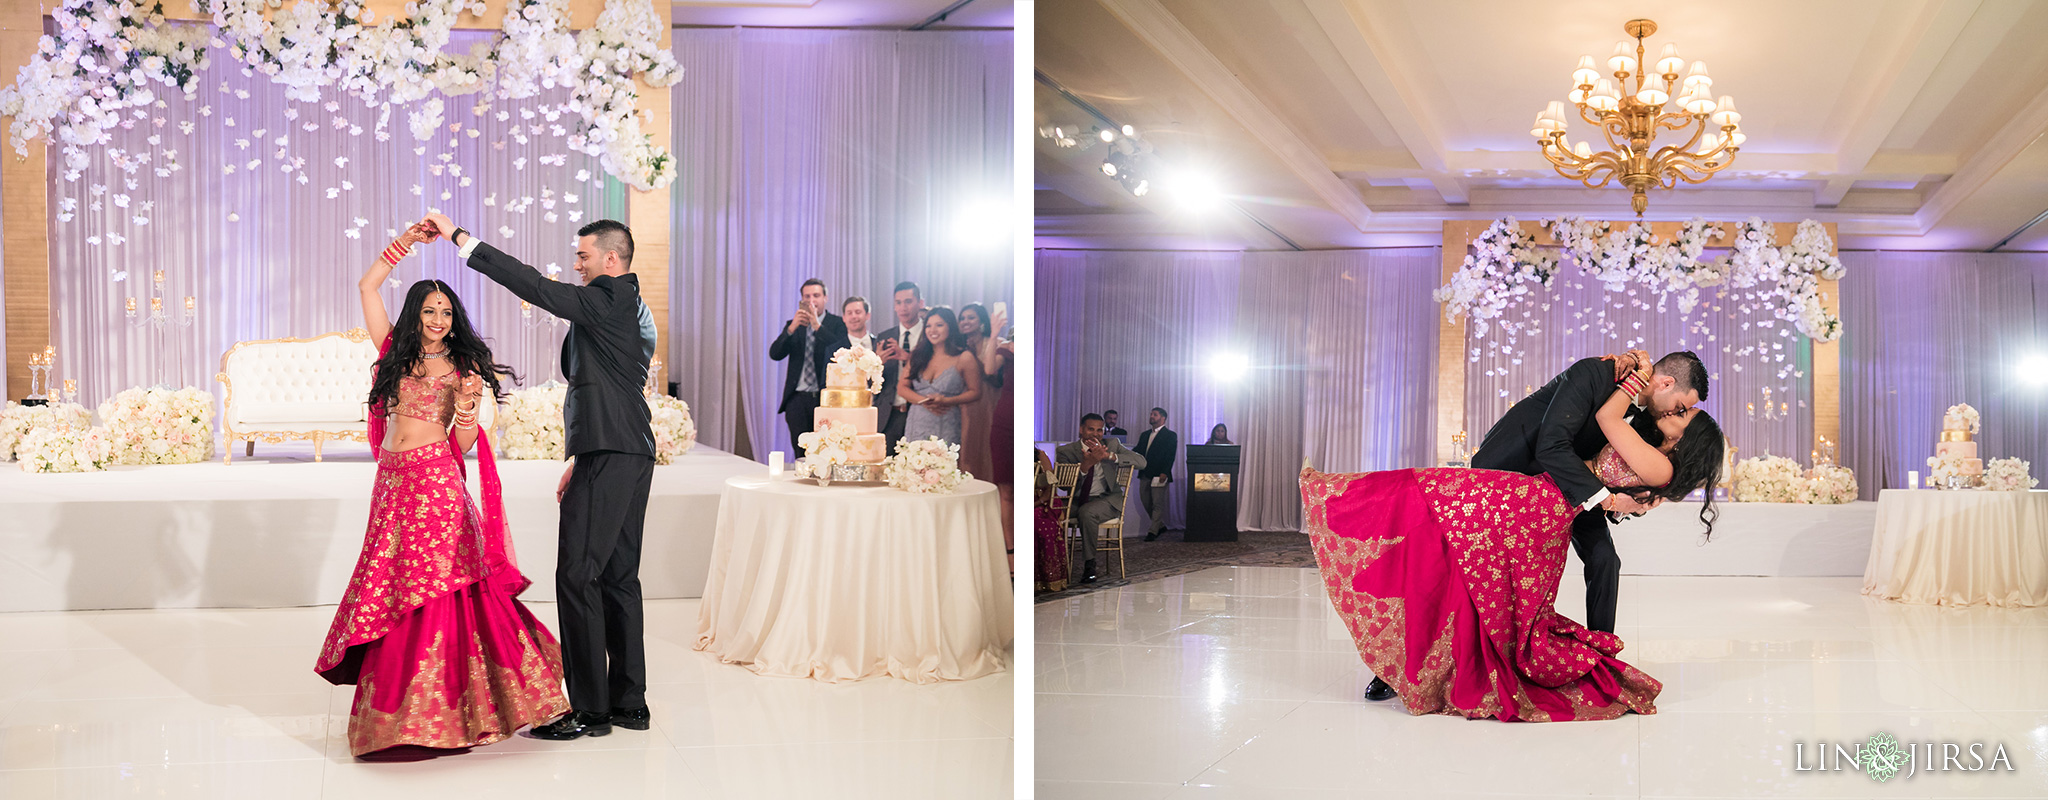 41 montage laguna beach indian wedding photography - the montage laguna beach wedding